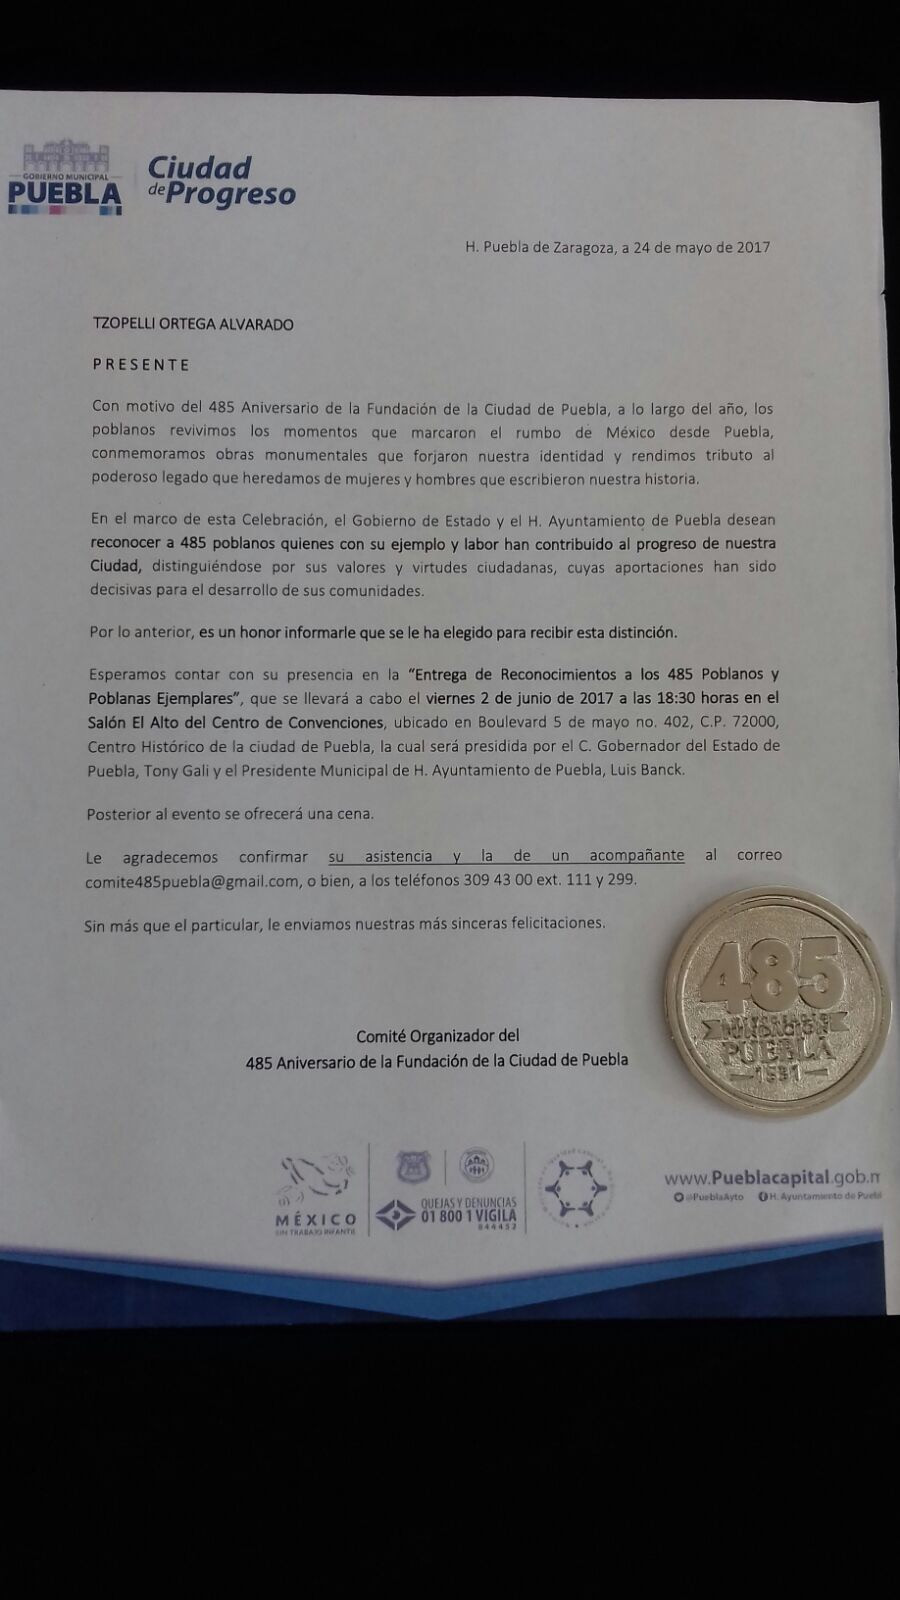 Orgullosas del Reconocimiento otorgado por el H. Ayuntamiento de Puebla, Pue, Junio 2017